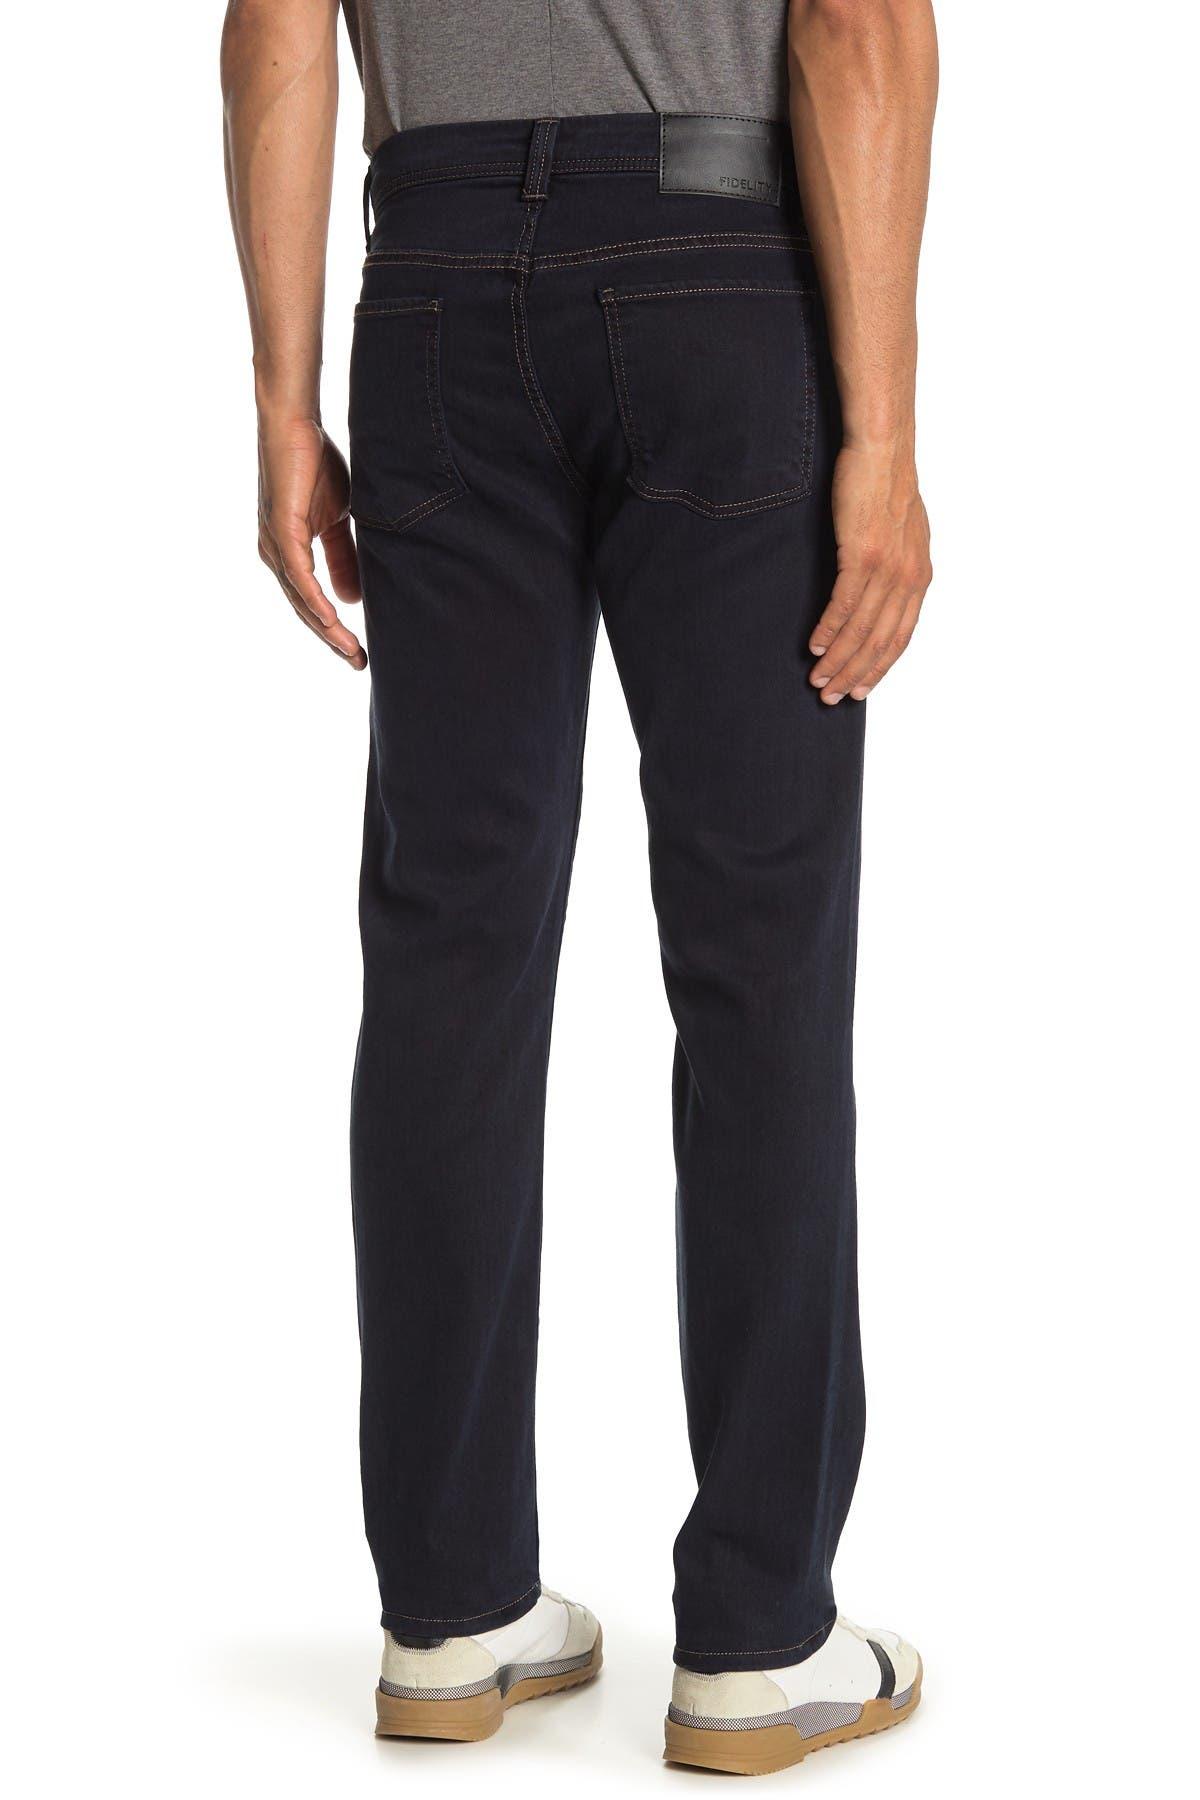 FIDELITY DENIM Jimmy Slim Staight Denim Jeans